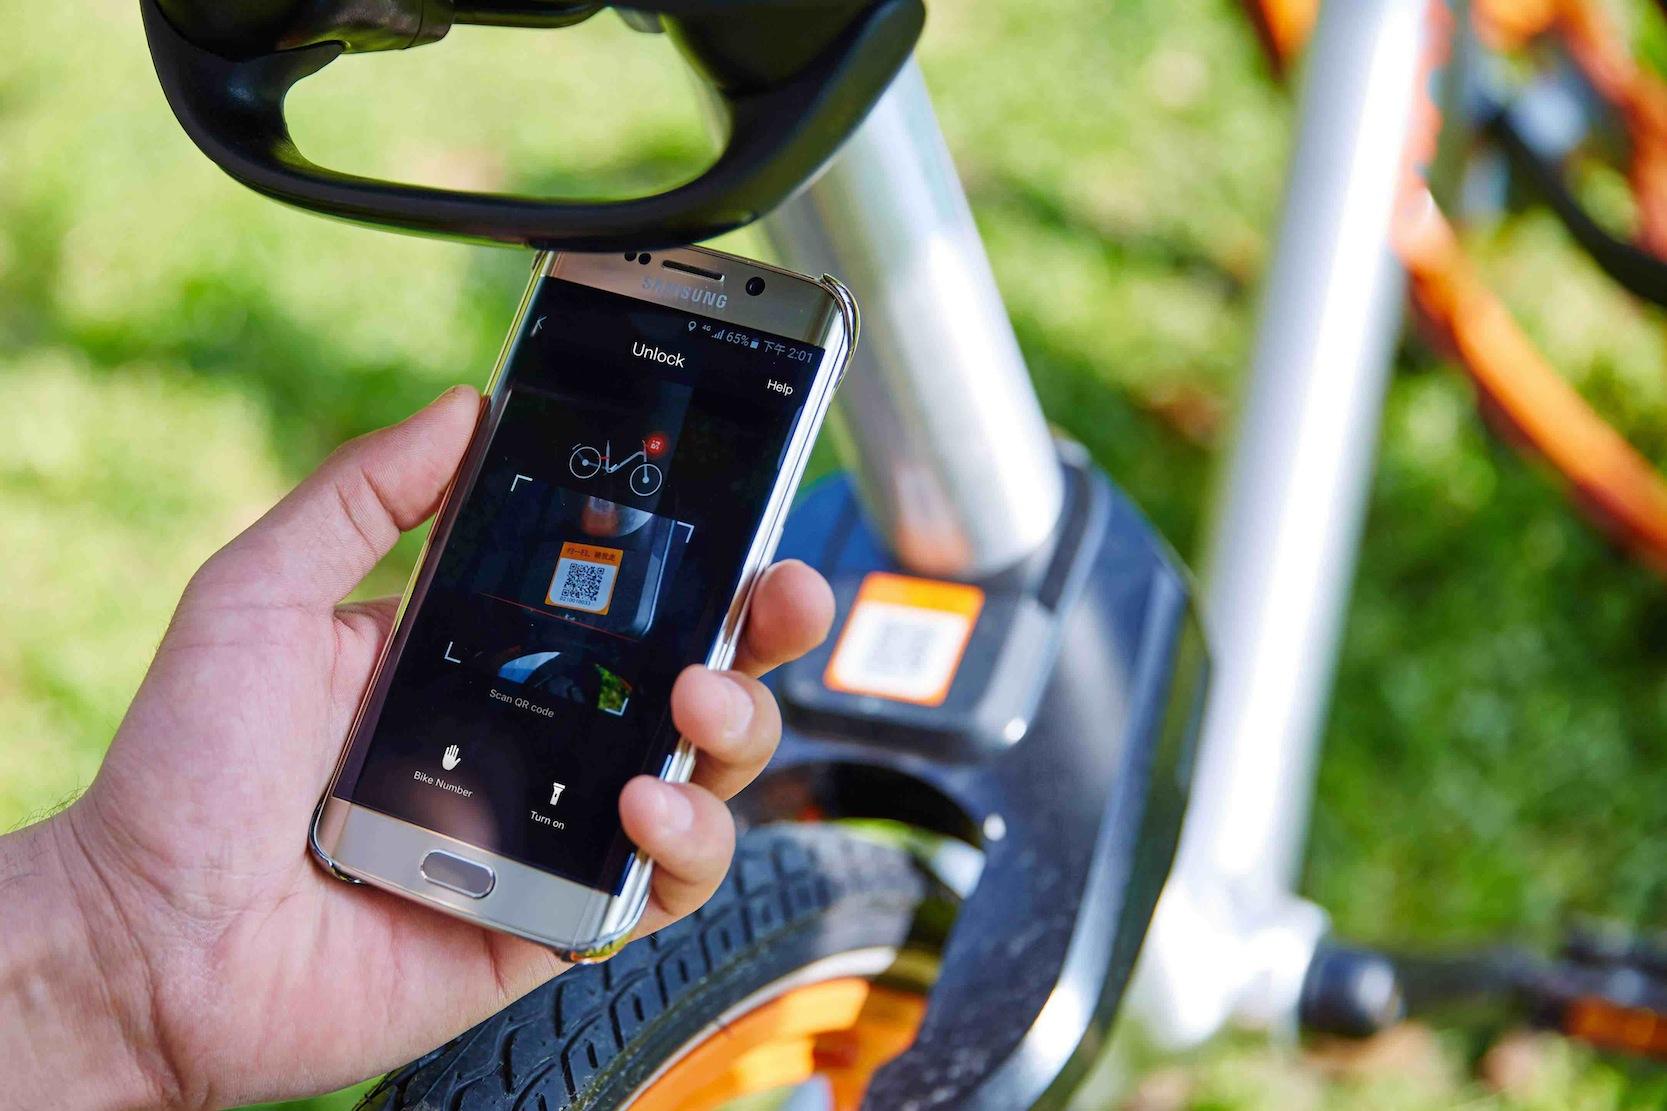 Das chinesische Leihrad Mobike kann überall abgestellt und ausgeliehen werden. Per App wird das Fahrrad freigeschaltet und kann benutzt werden.